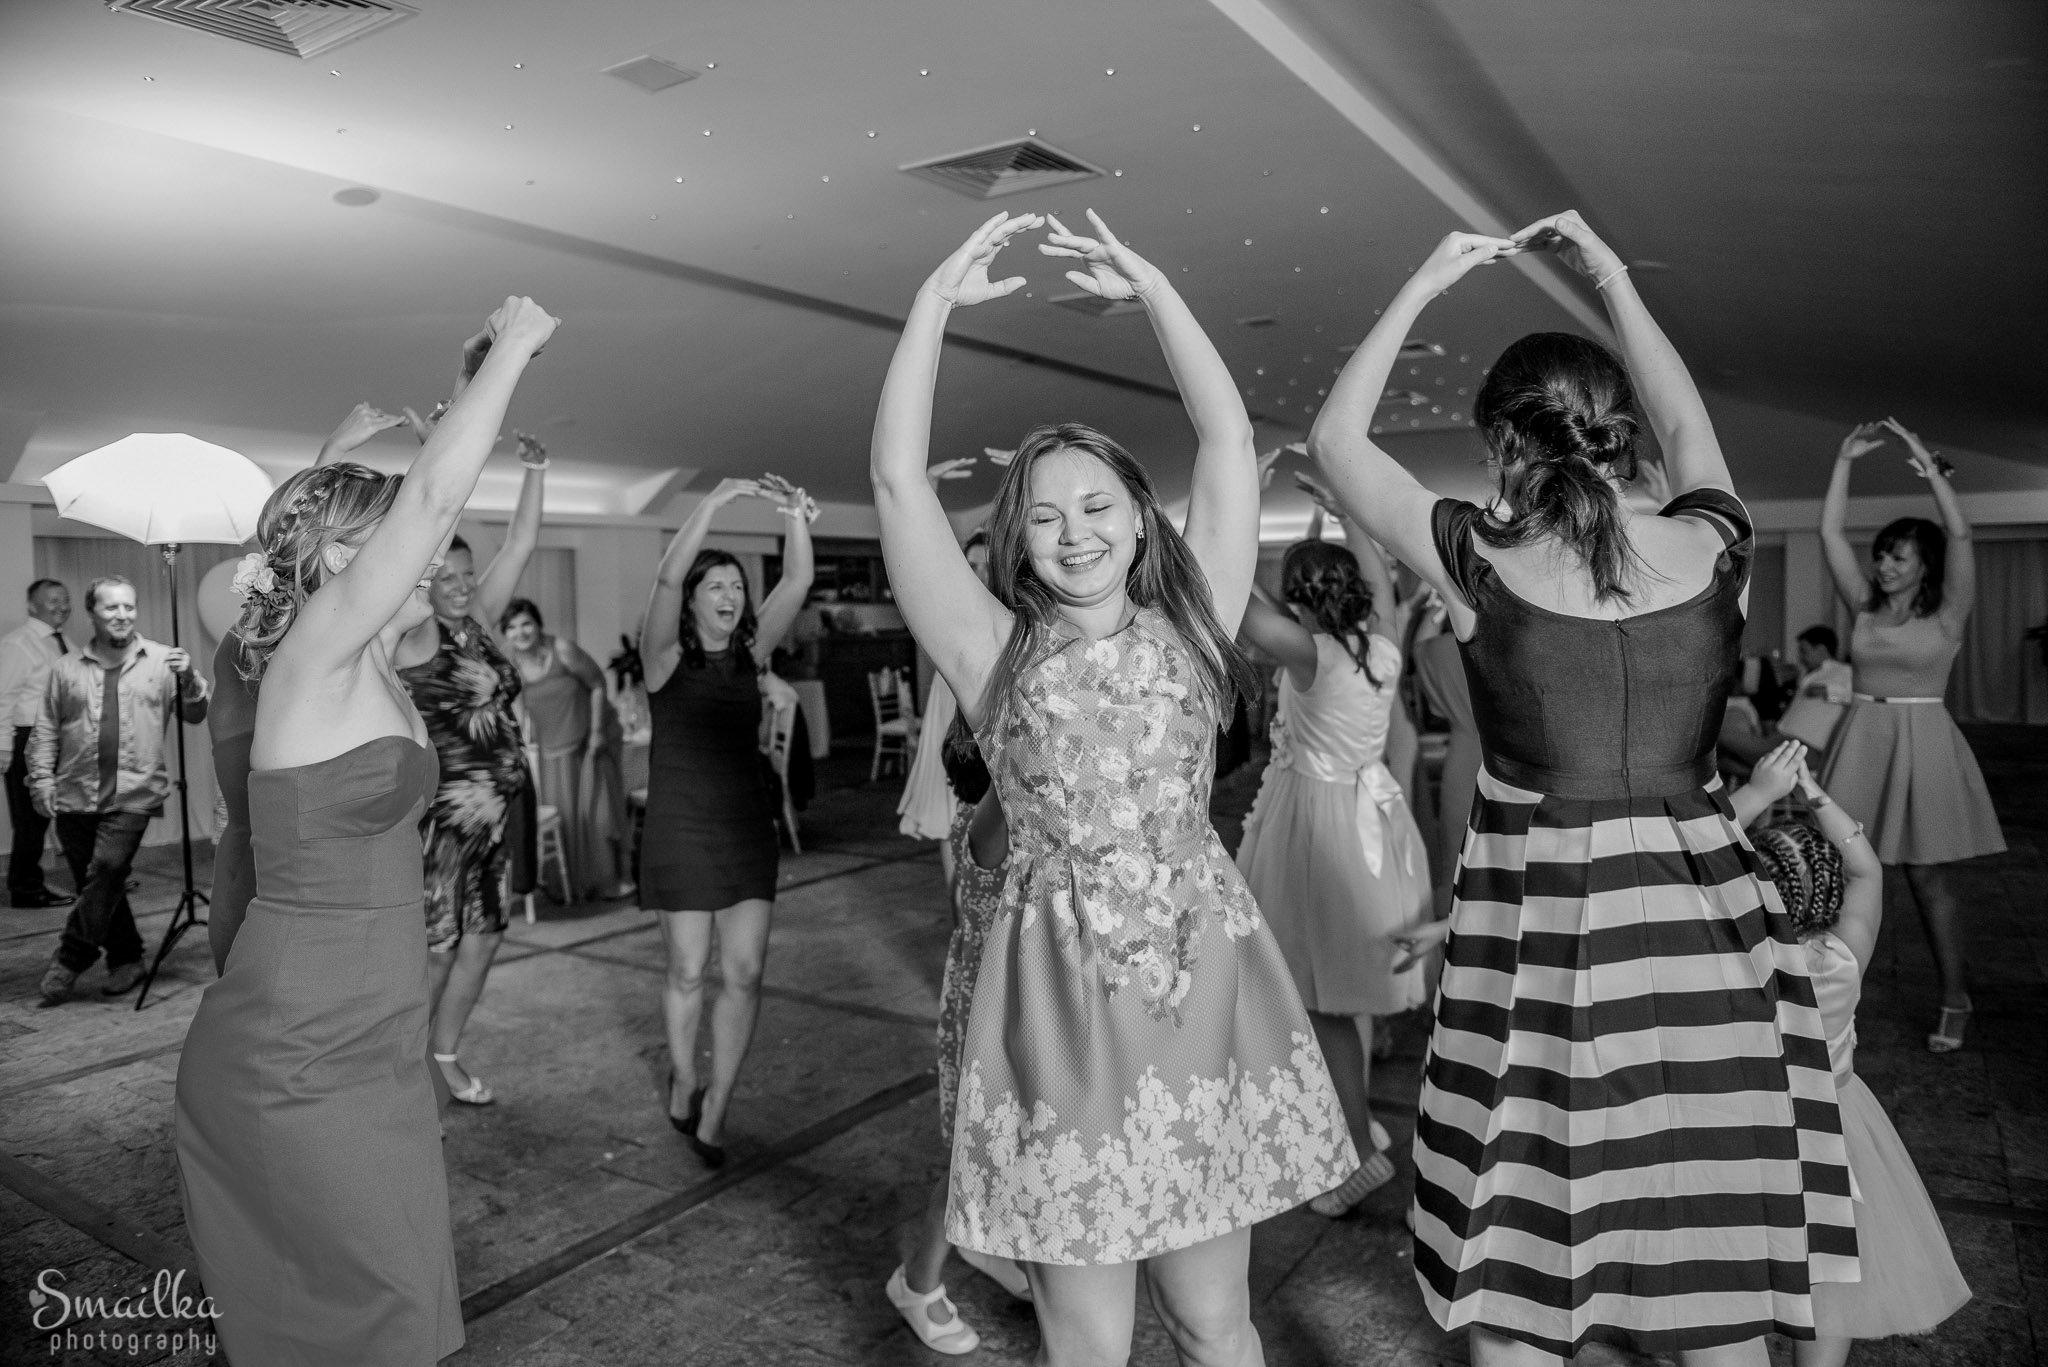 Girls at wedding dancing ballet at Black Sea Rama